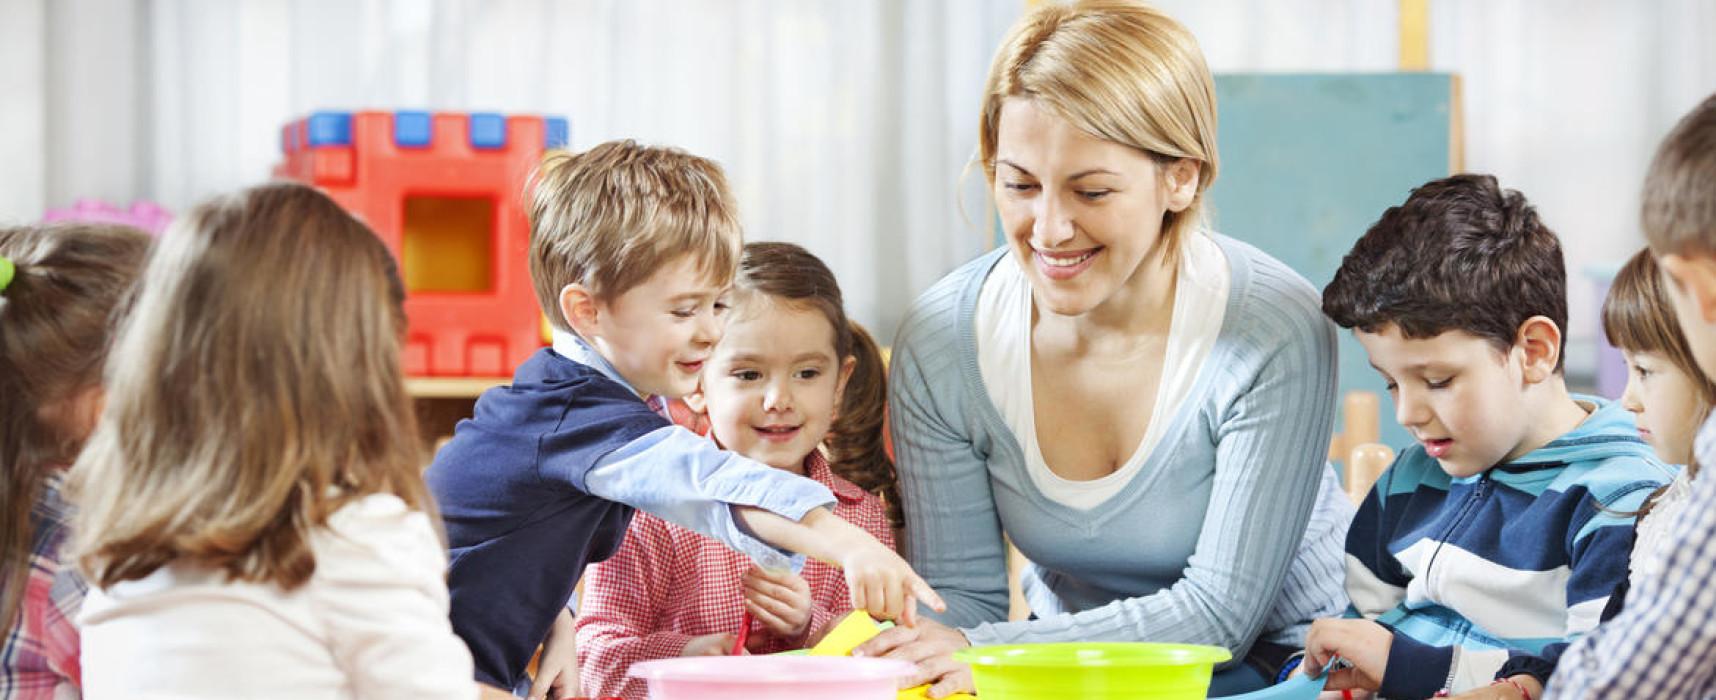 Comune di Arezzo: Bando di concorso pubblico per esami per n.2 posti Educatore asilo nido e per n.2 posti Insegnante scuola infanzia